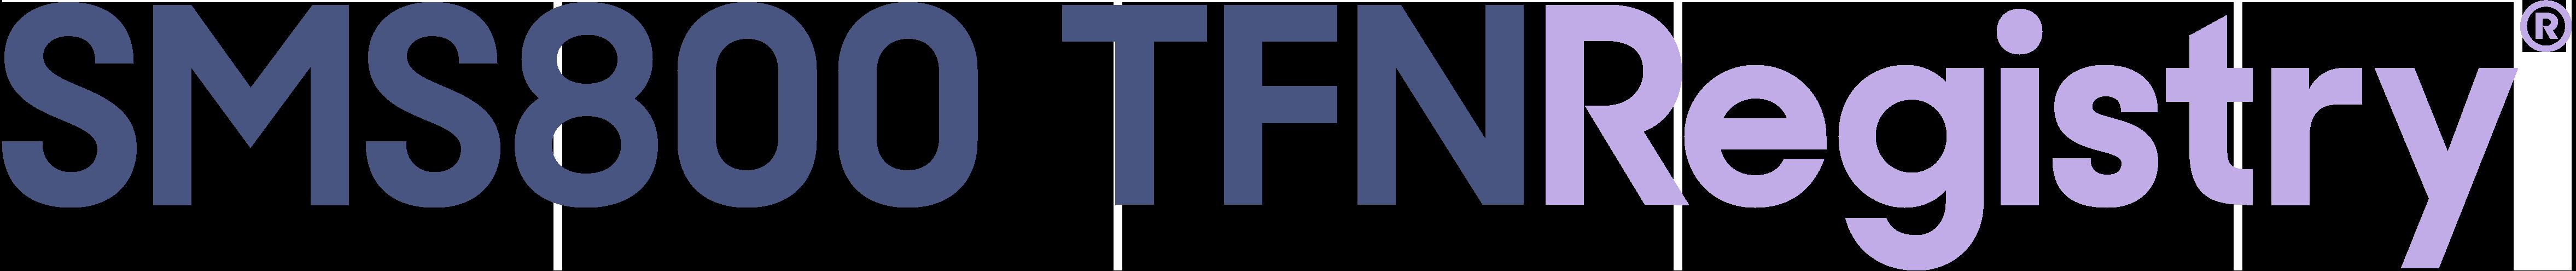 SMS/800 TFN Registry